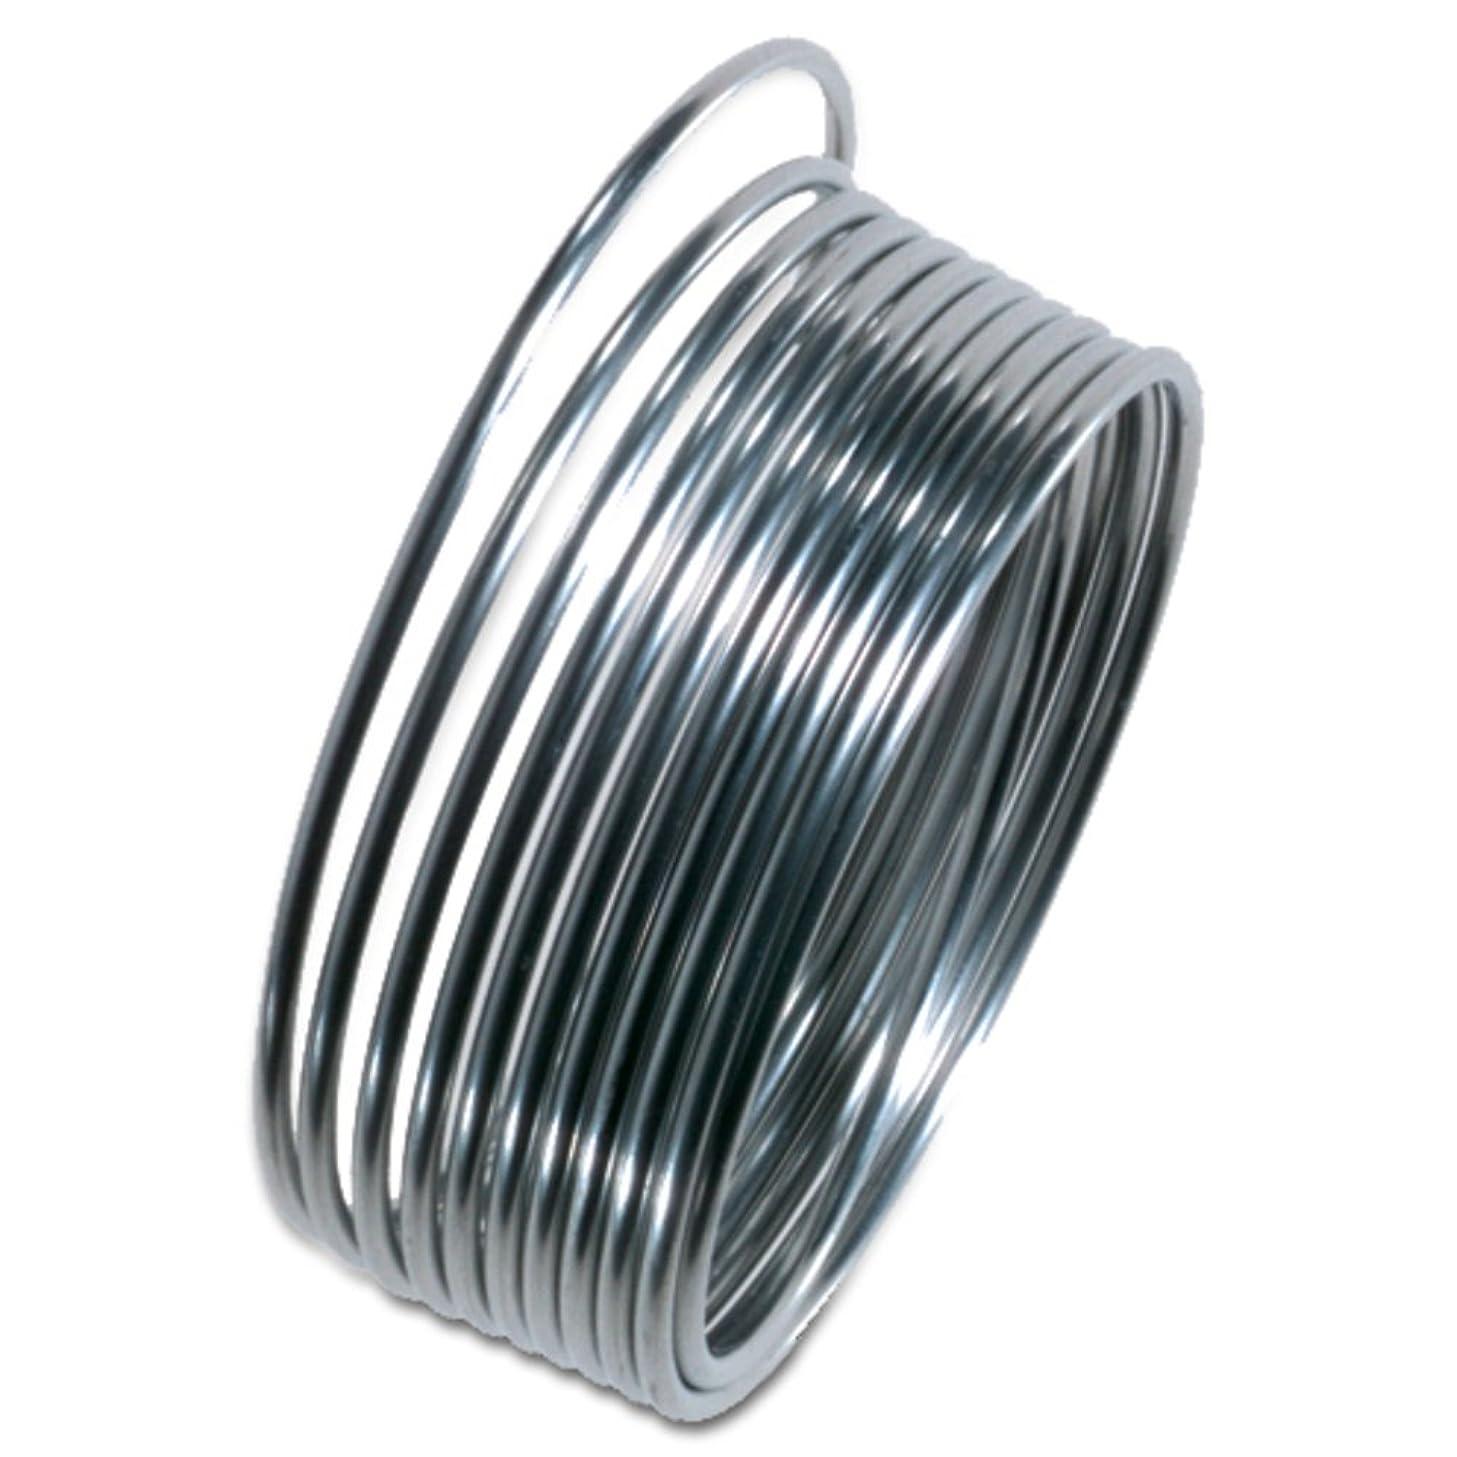 Efco 20?x 0.3?x 0.3?cm 9945204?Aluminium Wire, Silver